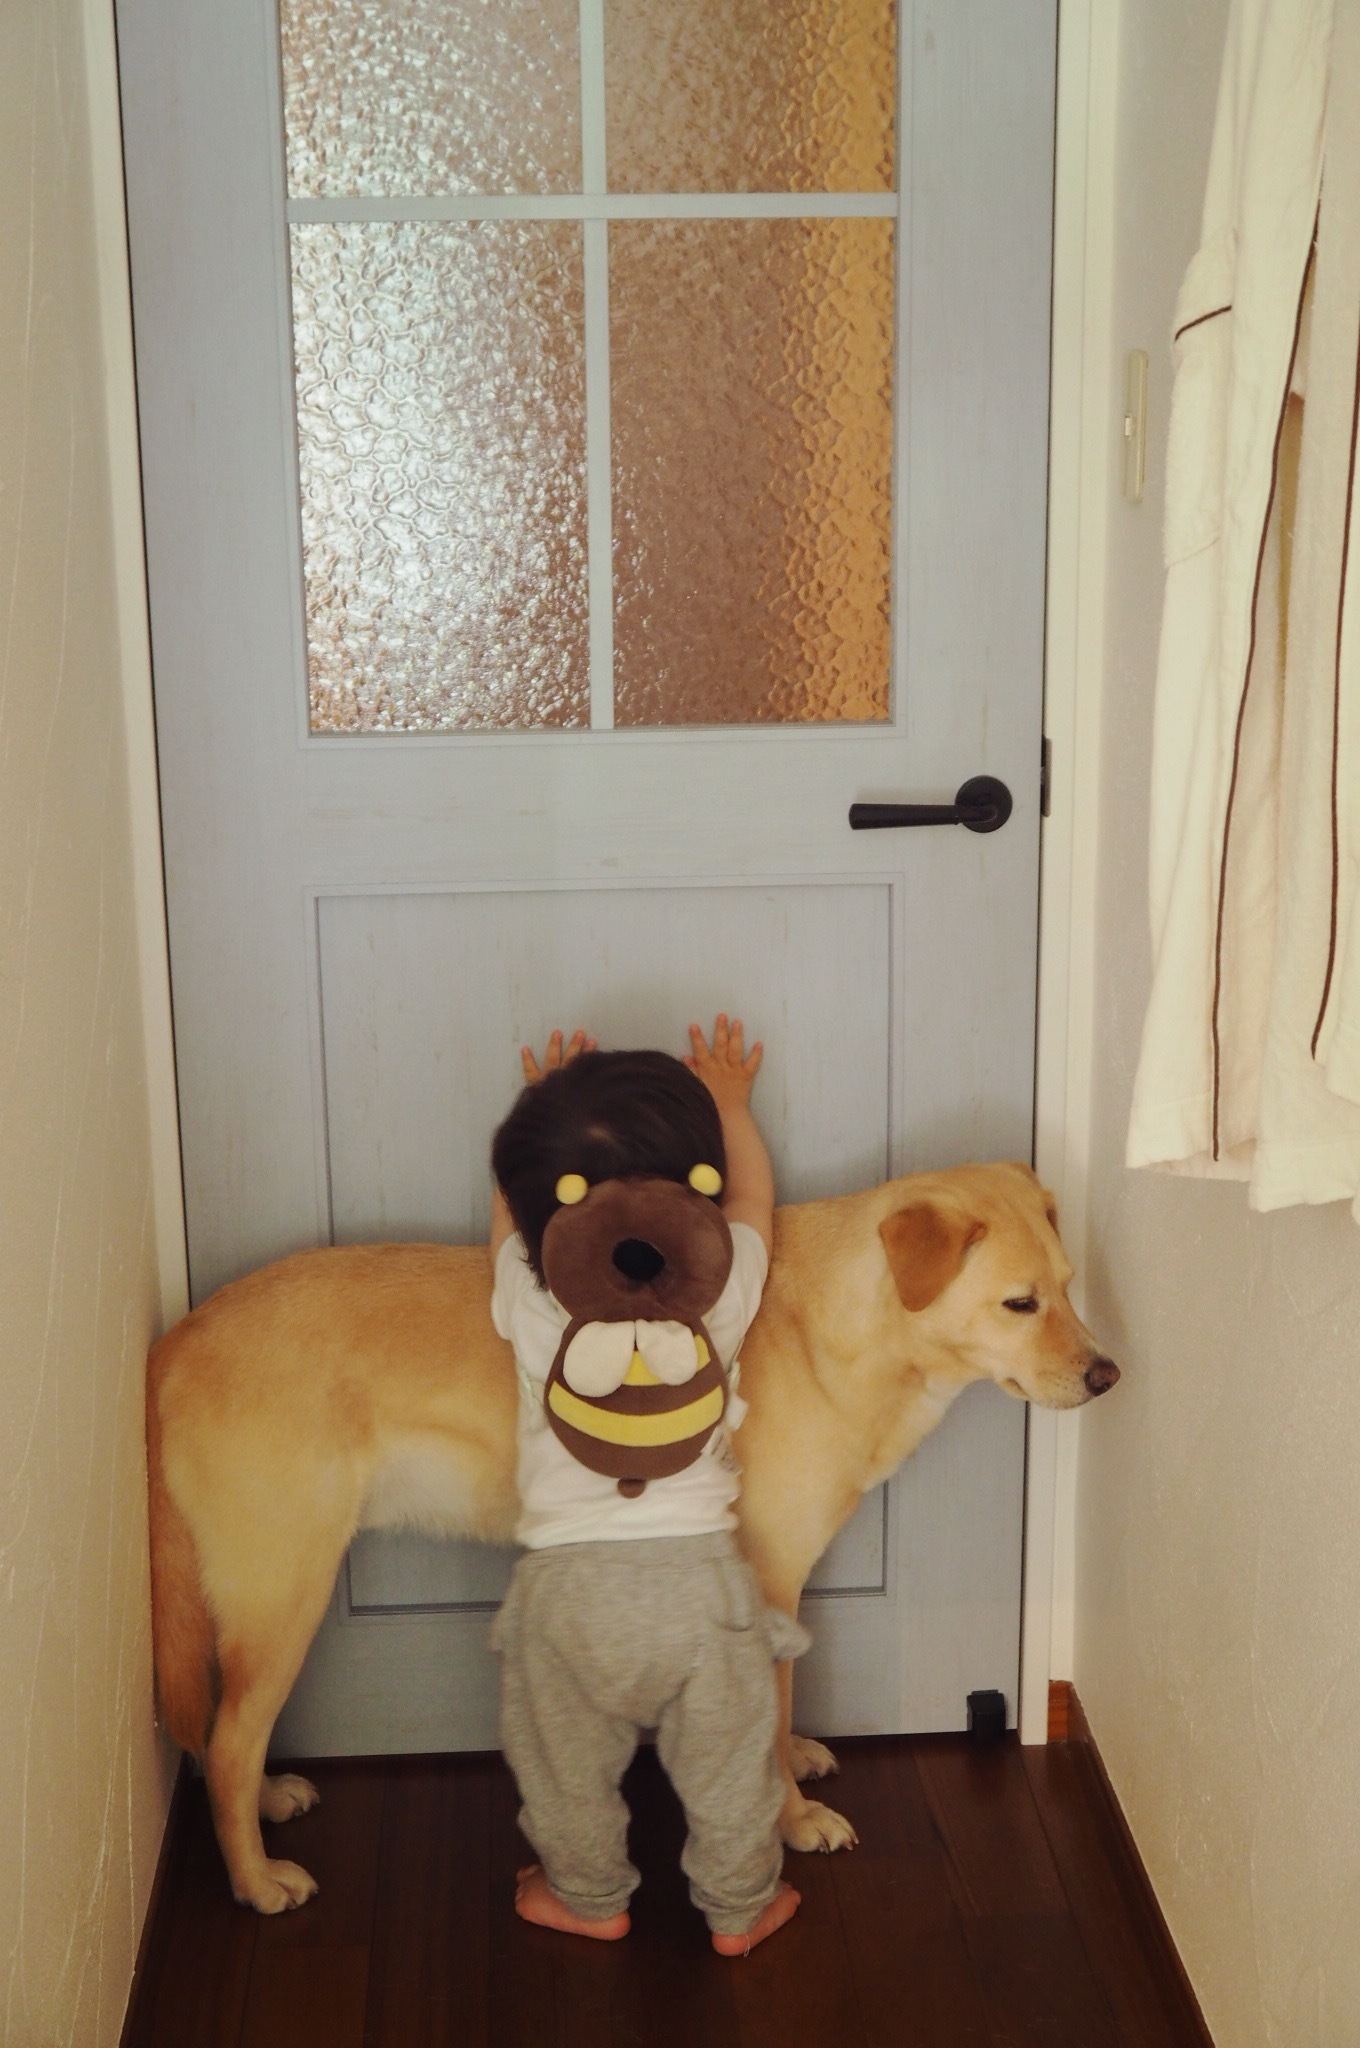 壁ドン 赤ちゃんと犬 子供と犬 赤ちゃんと大型犬 仲良し